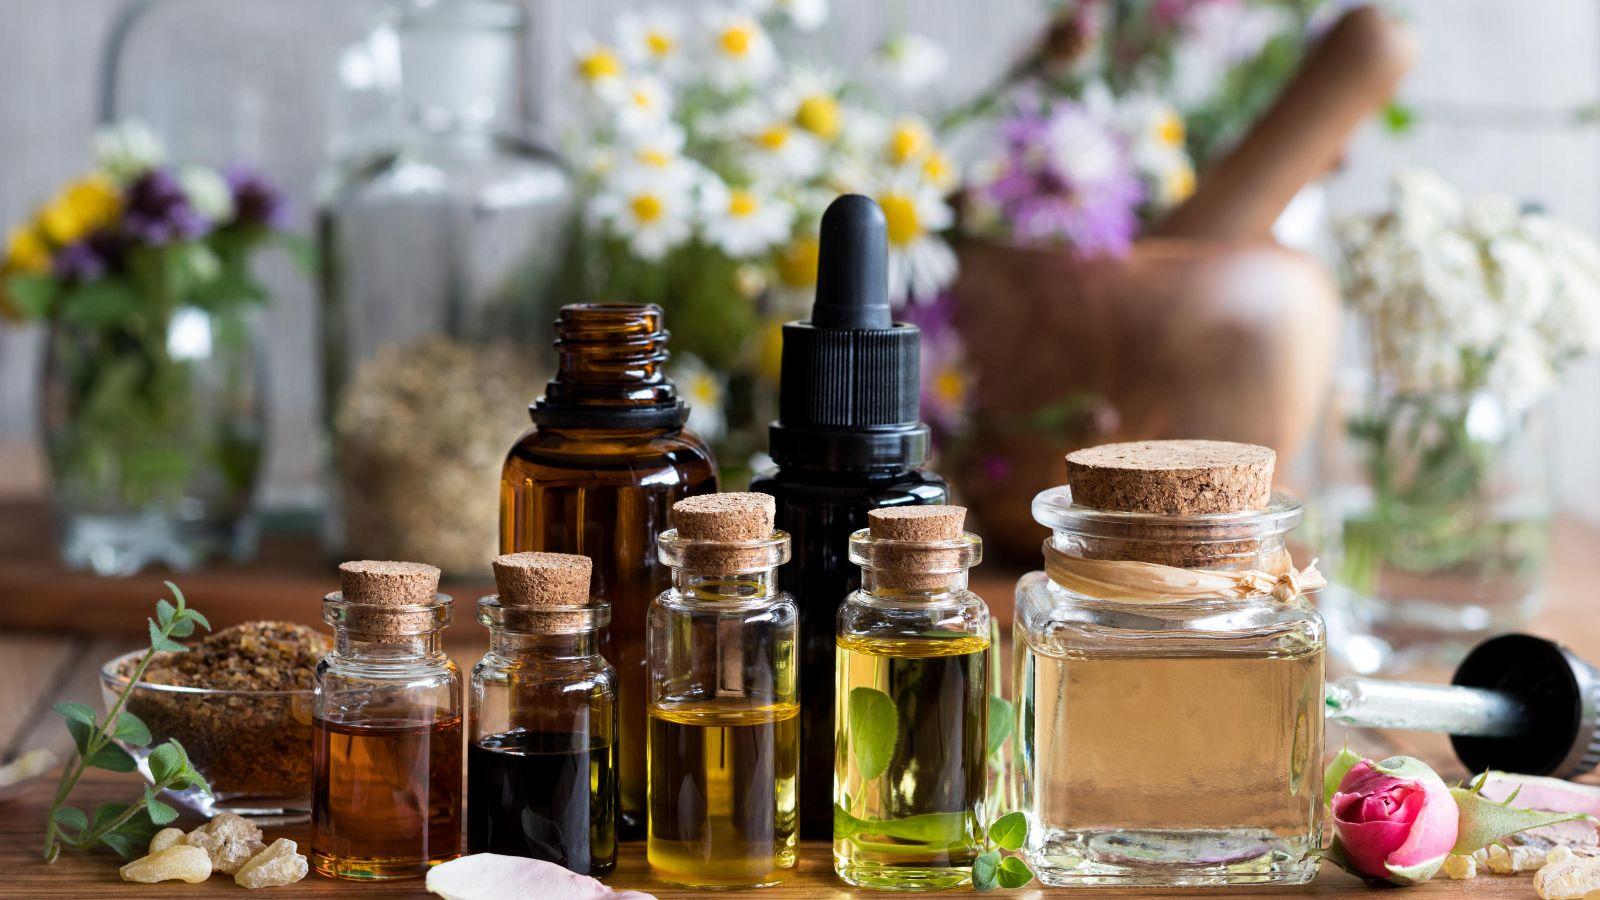 Эфирные масла для бани: как выбрать, как правильно применять + «парилковые» рецепты